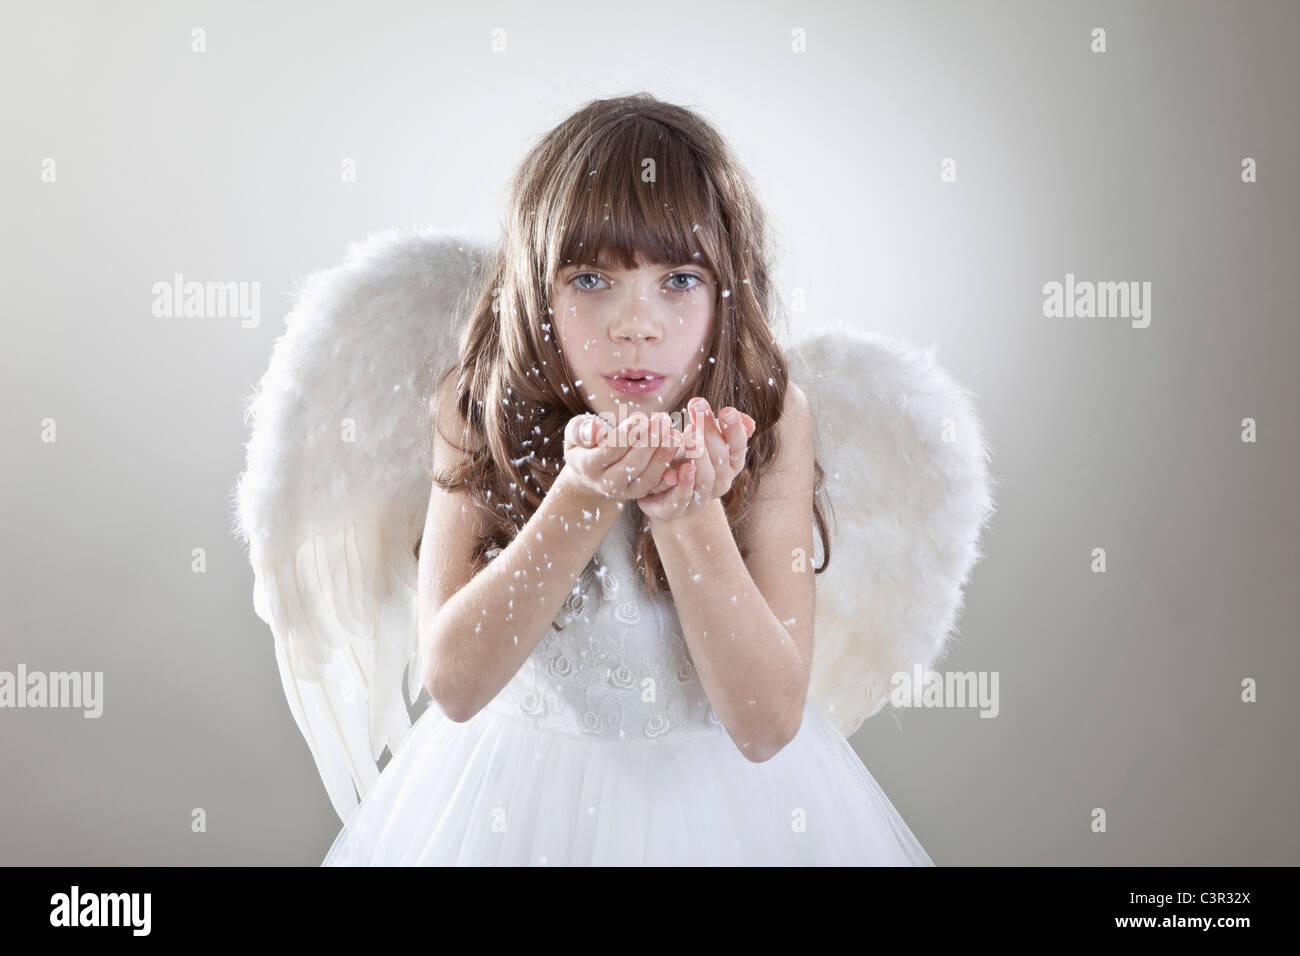 Mädchen (10-11 Jahre) weht Glitzer, portriat Stockbild